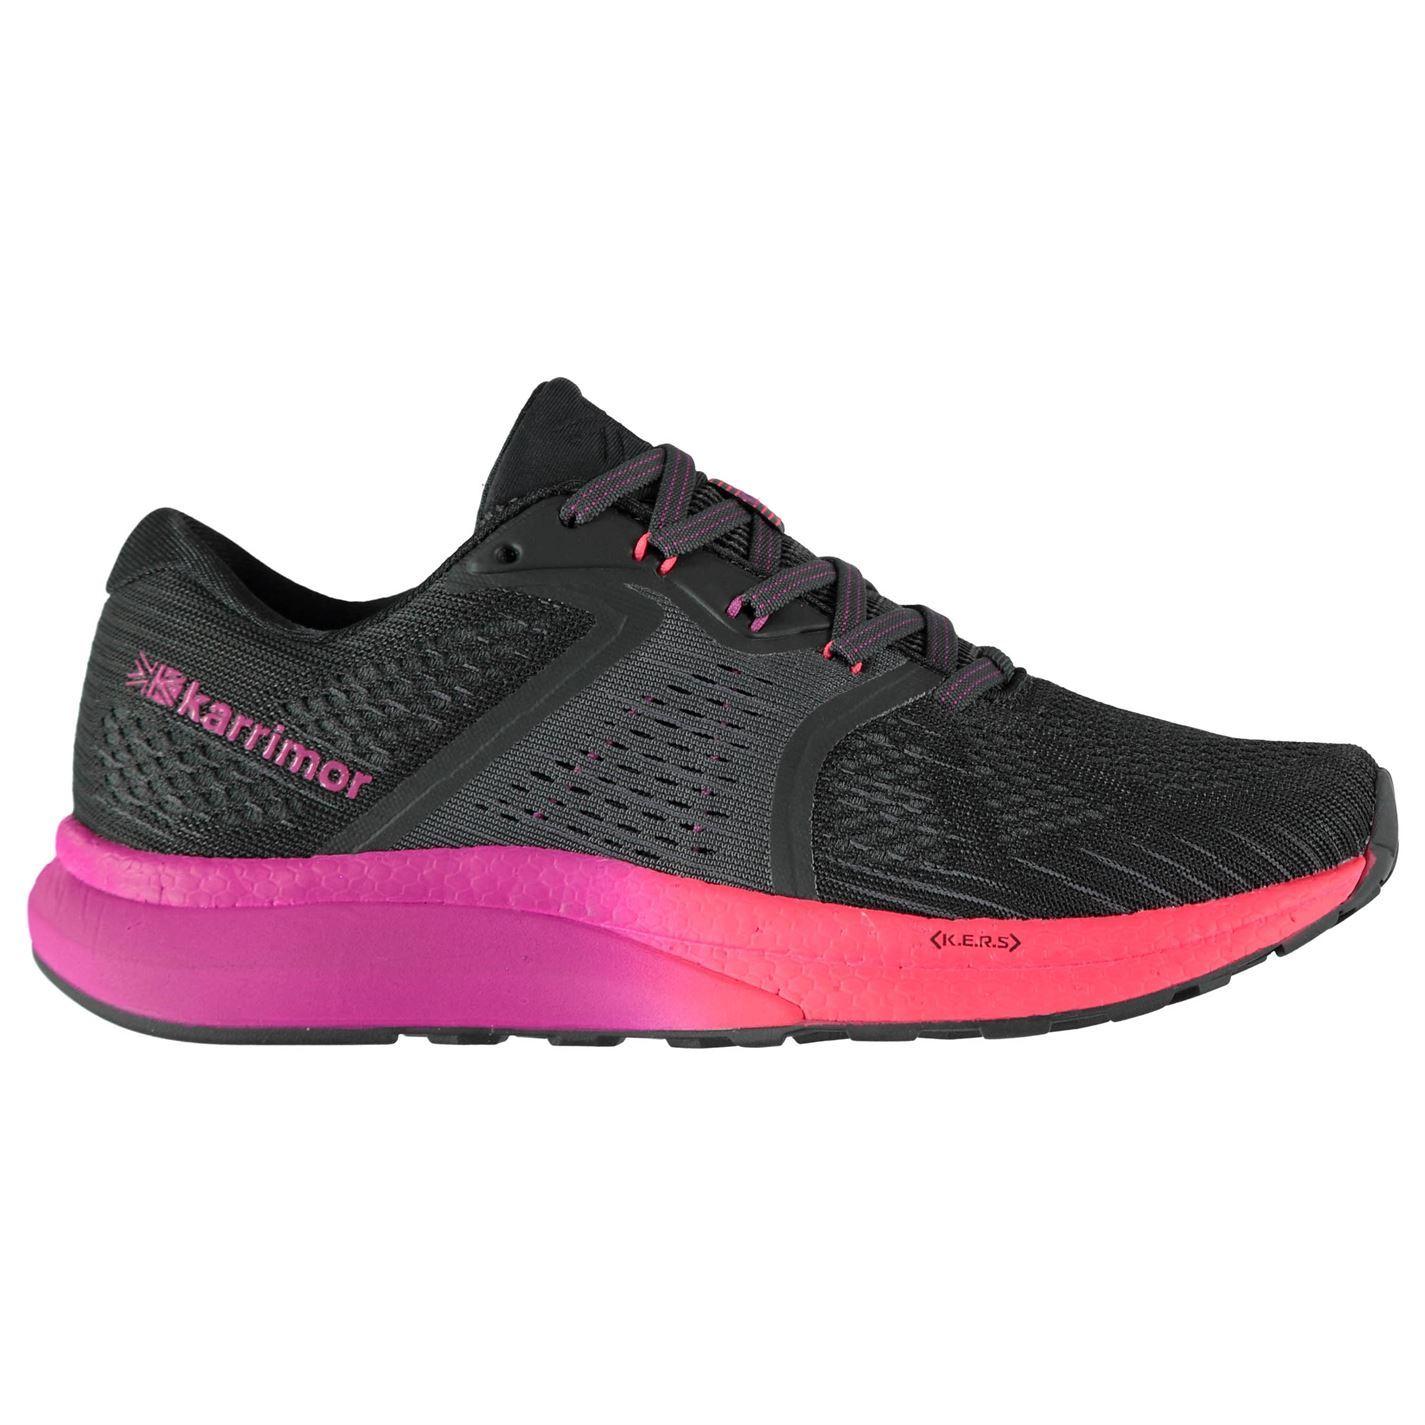 Karrimor Damenschuhe Damenschuhe Karrimor Excel 3 Road Running Schuhes 4a3212